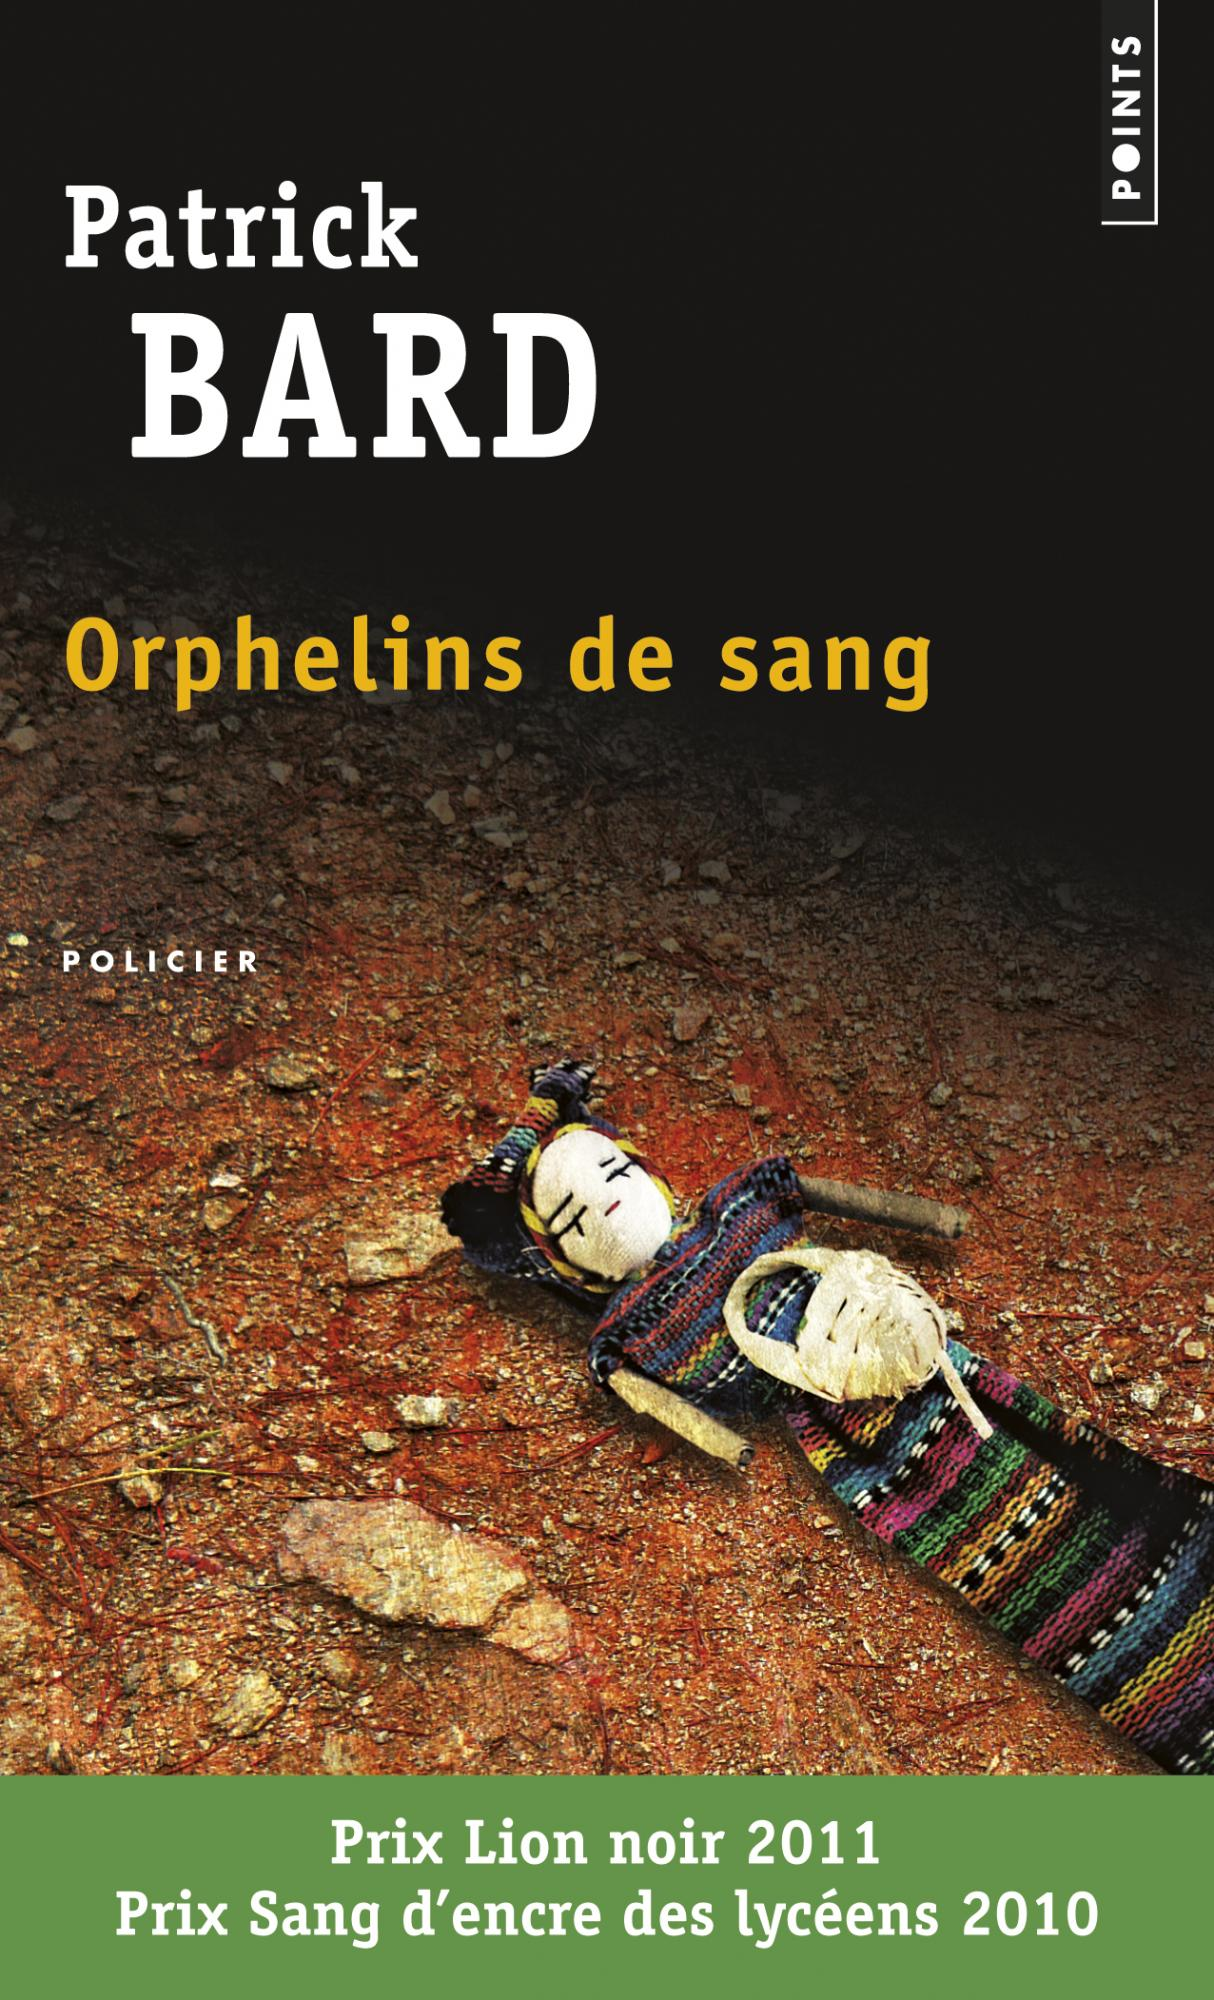 Orphelins de sang de Patrick Bard image couverture livre